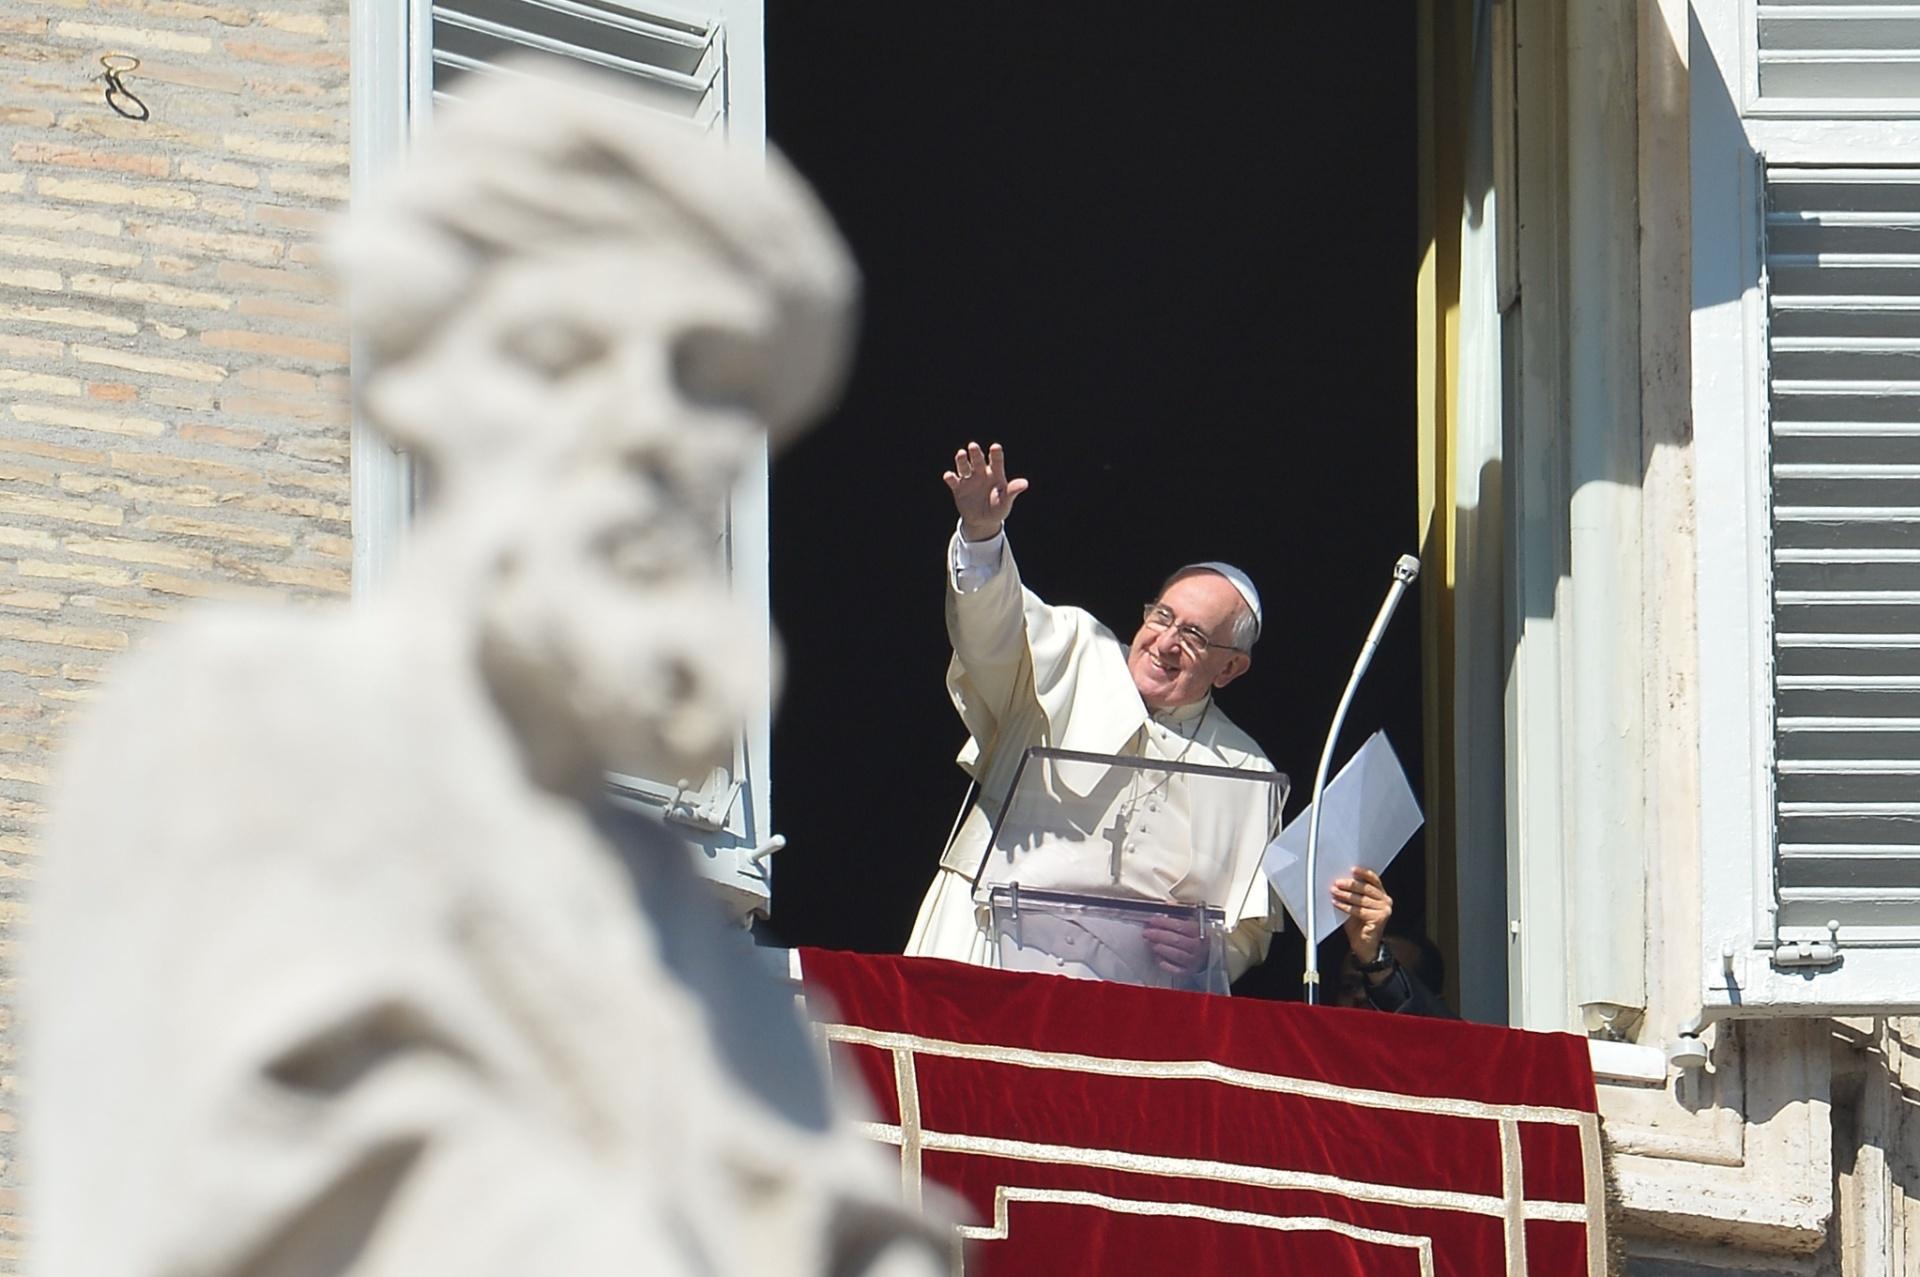 2.nov.2014 - Papa Francisco realiza o Angelus --oração dominical-- na Praça São Pedro, no Vaticano, no dia em que a Igreja Católica celebra o Dia de Finados. Na ocasião, o pontífice destacou que a morte